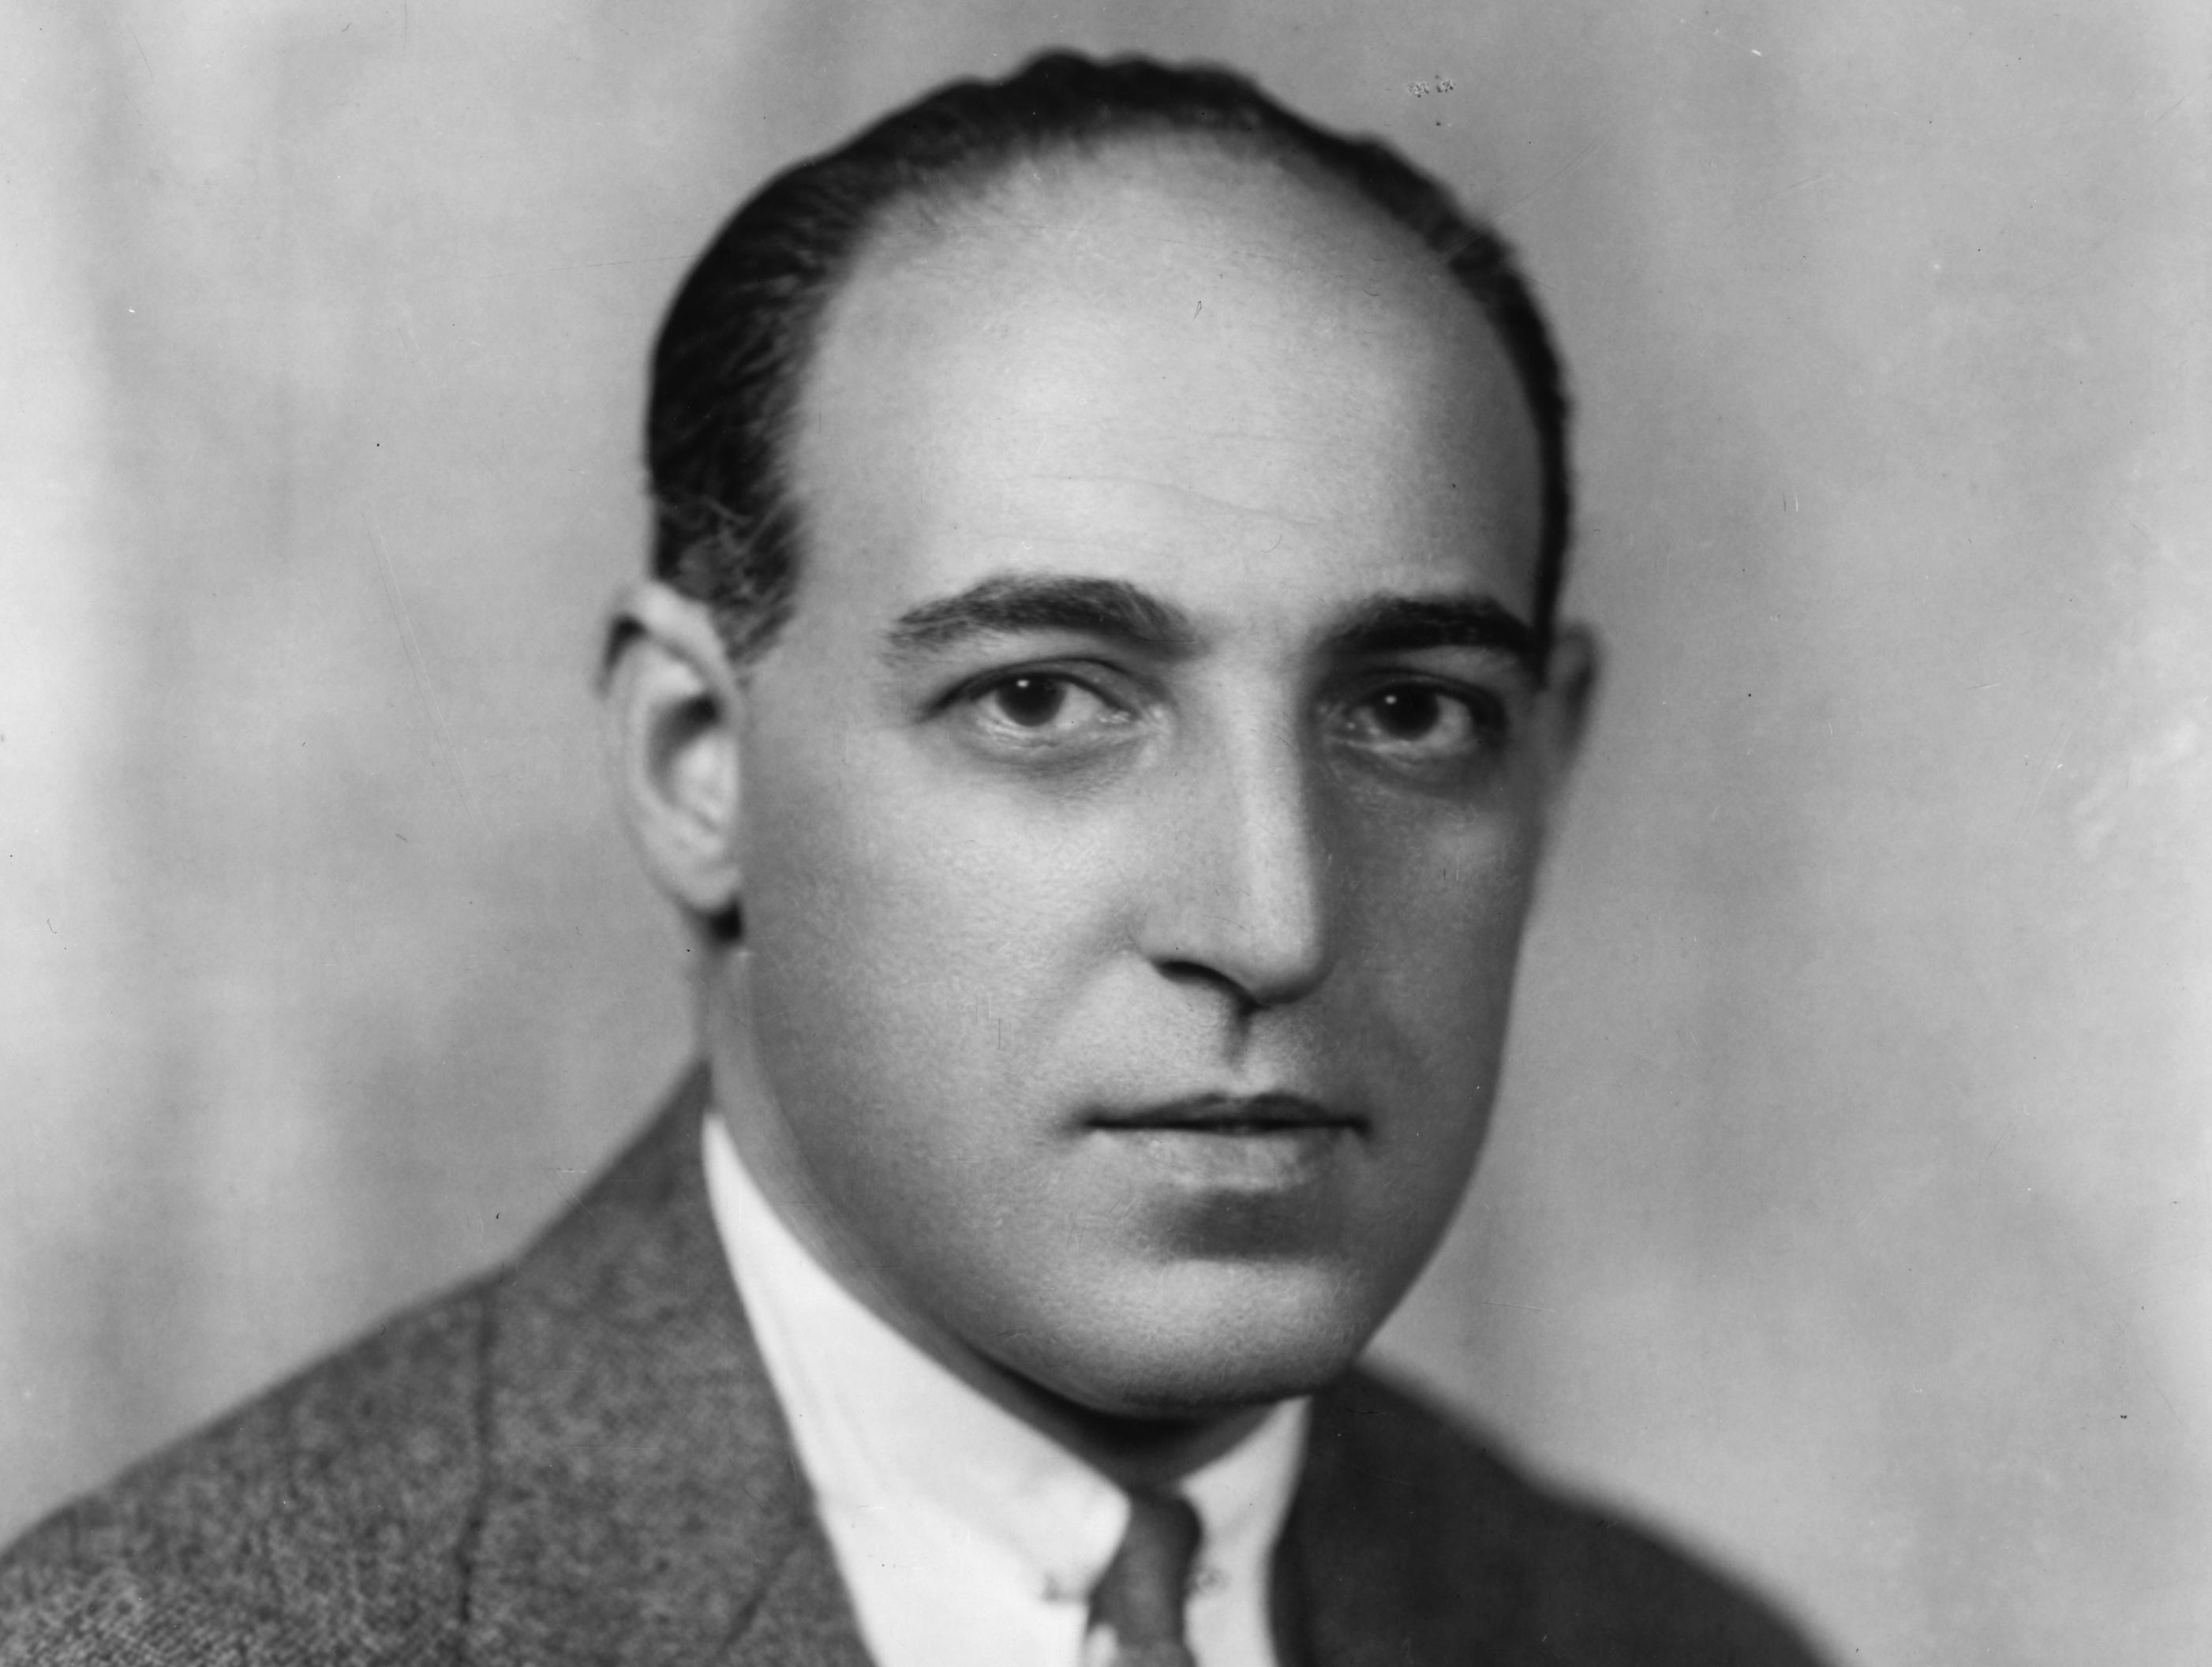 V roce 1945 prezident Truman jmenoval Laurence Steinhardta velvyslancem v Československu